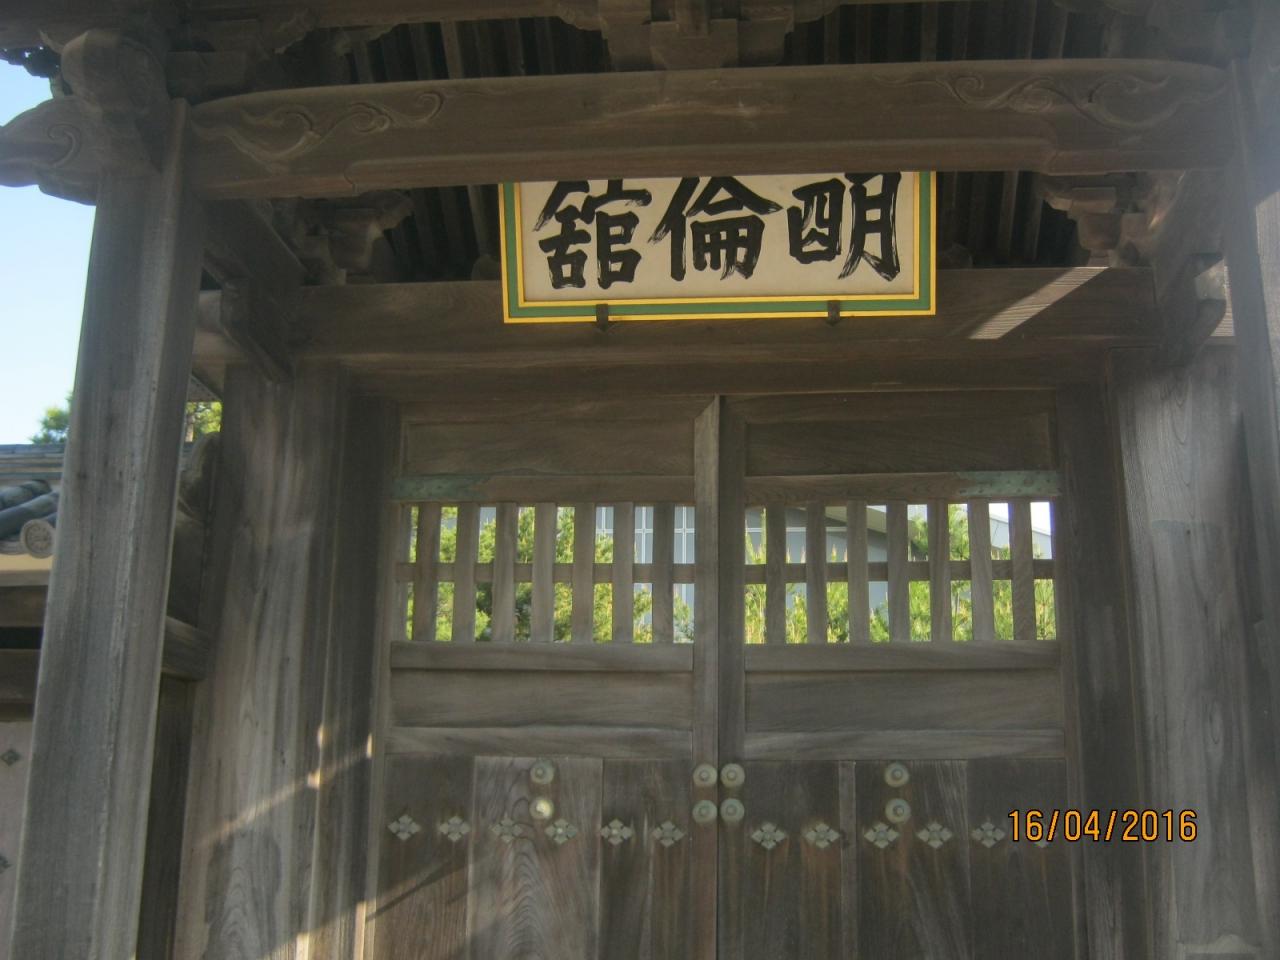 萩藩校・明倫館の正門